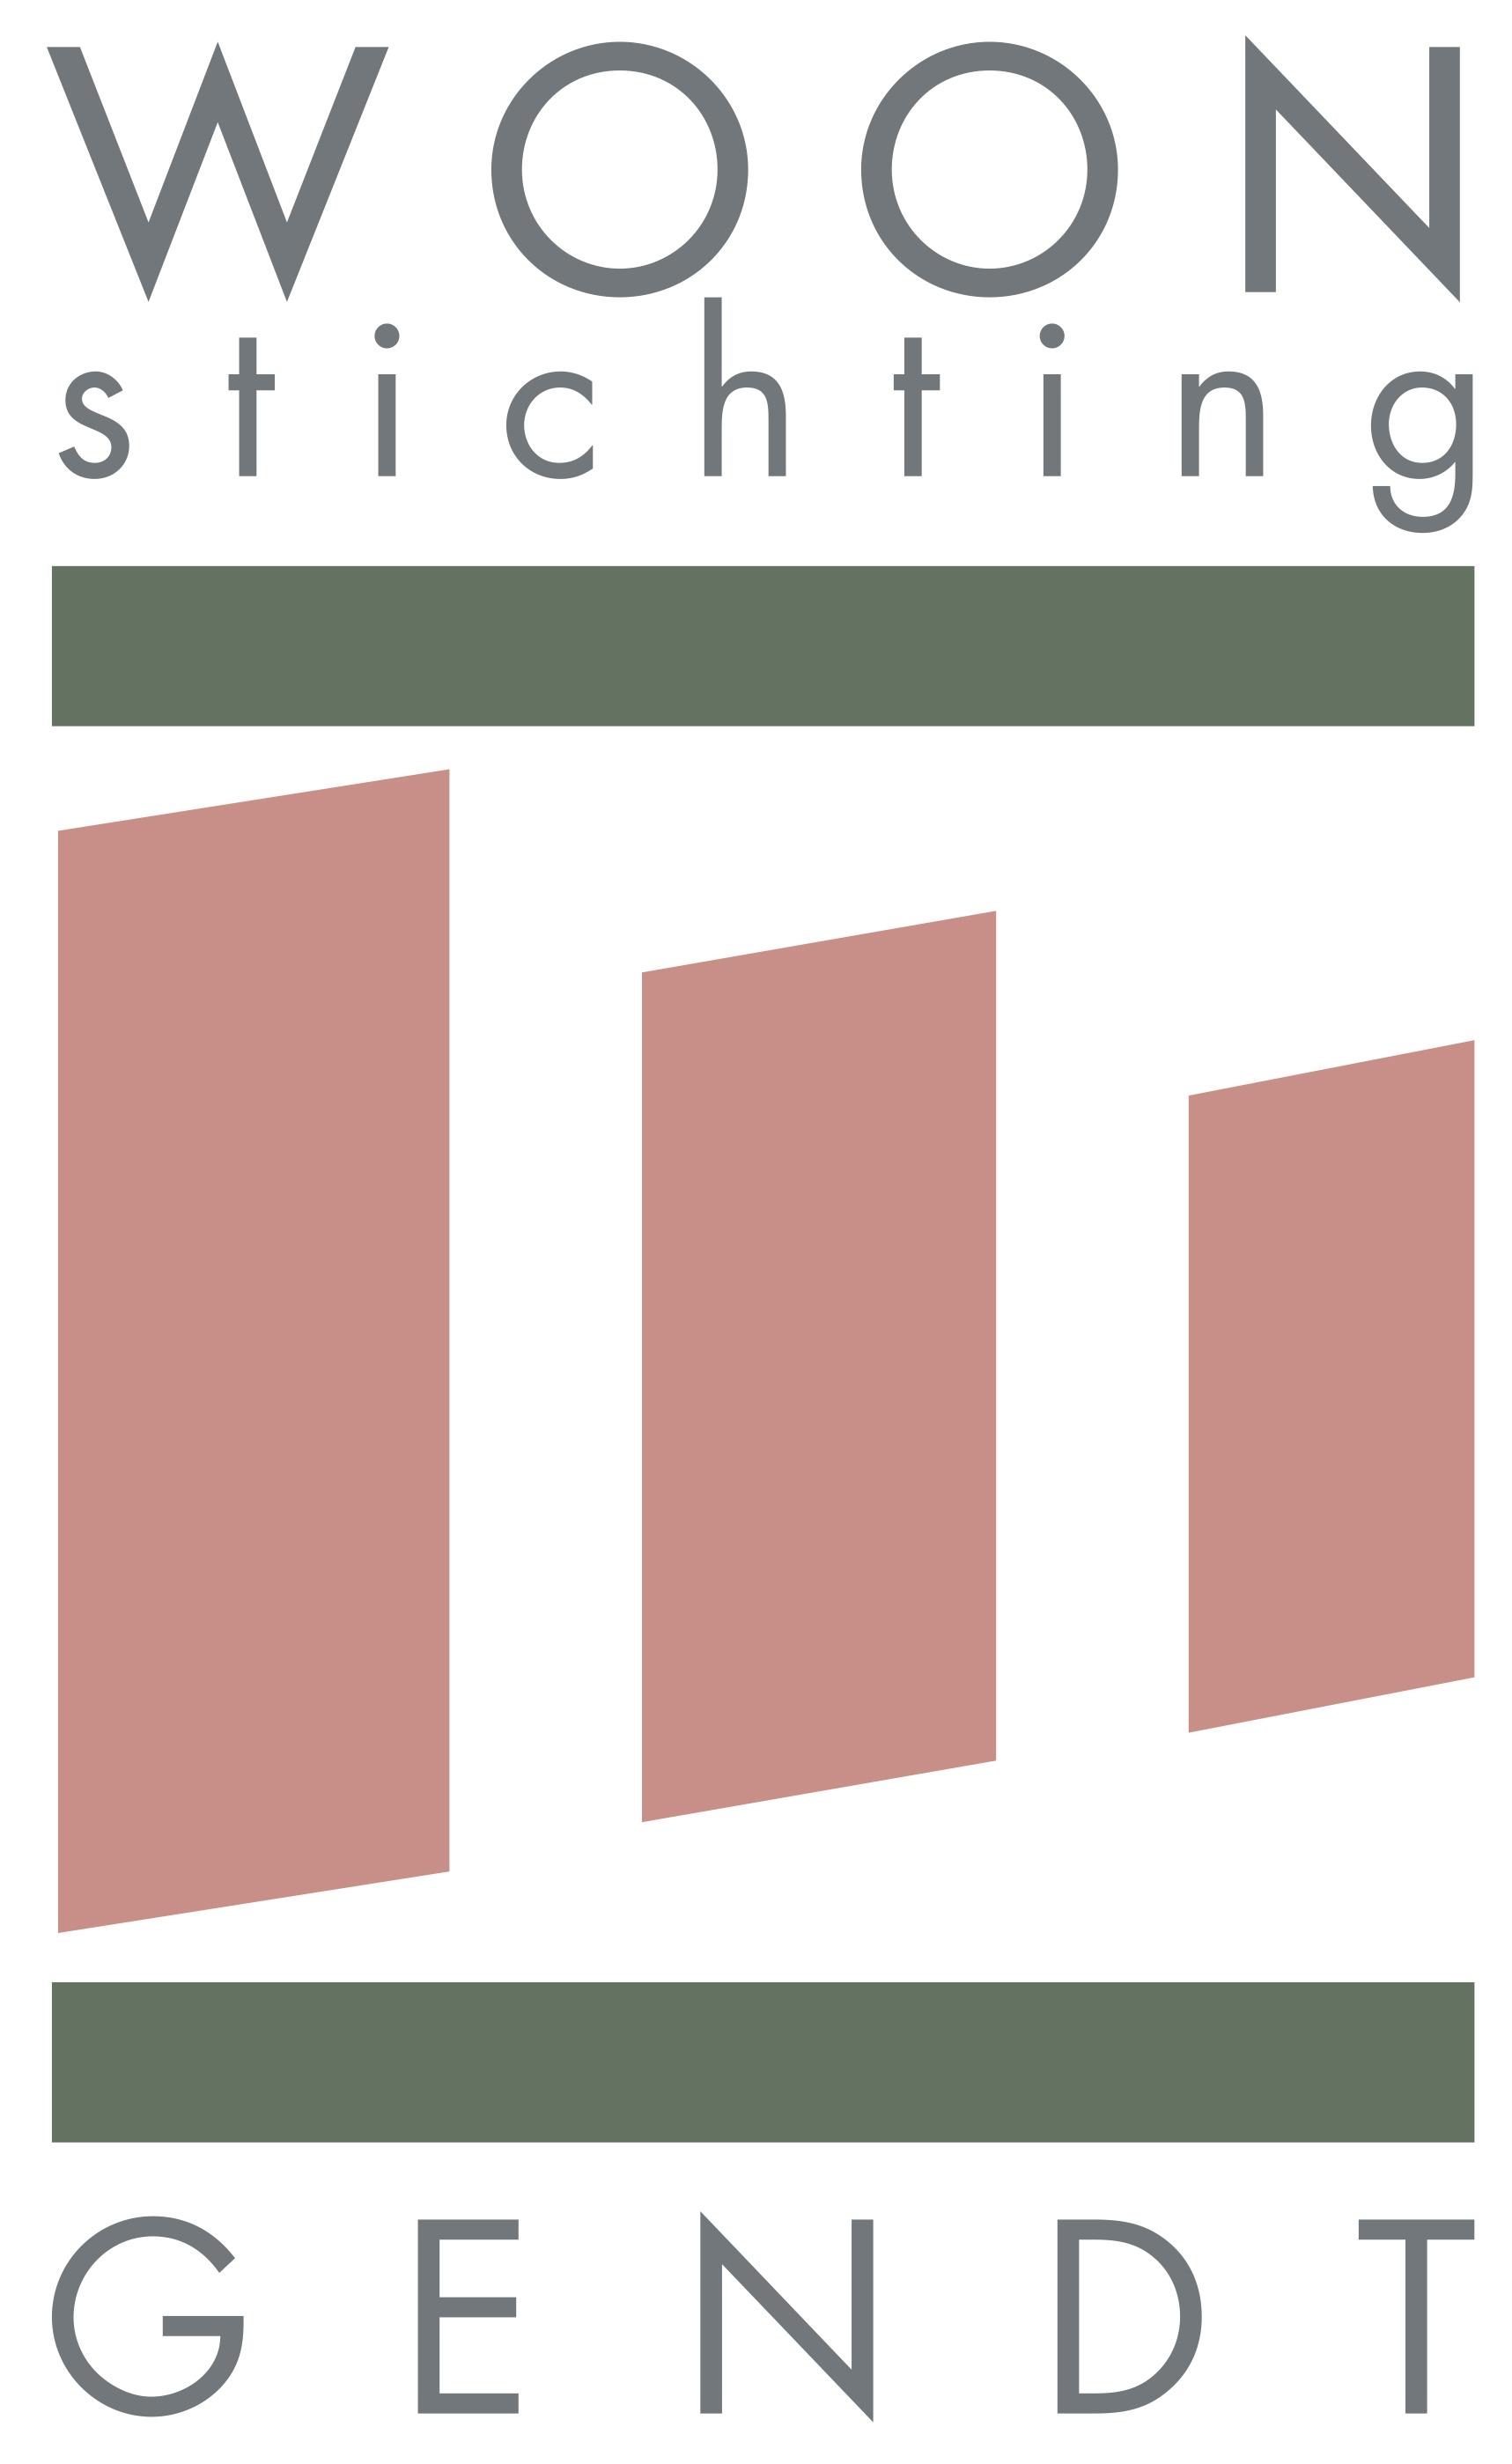 WOONstichting_Gendt_logo_2020_CMYK